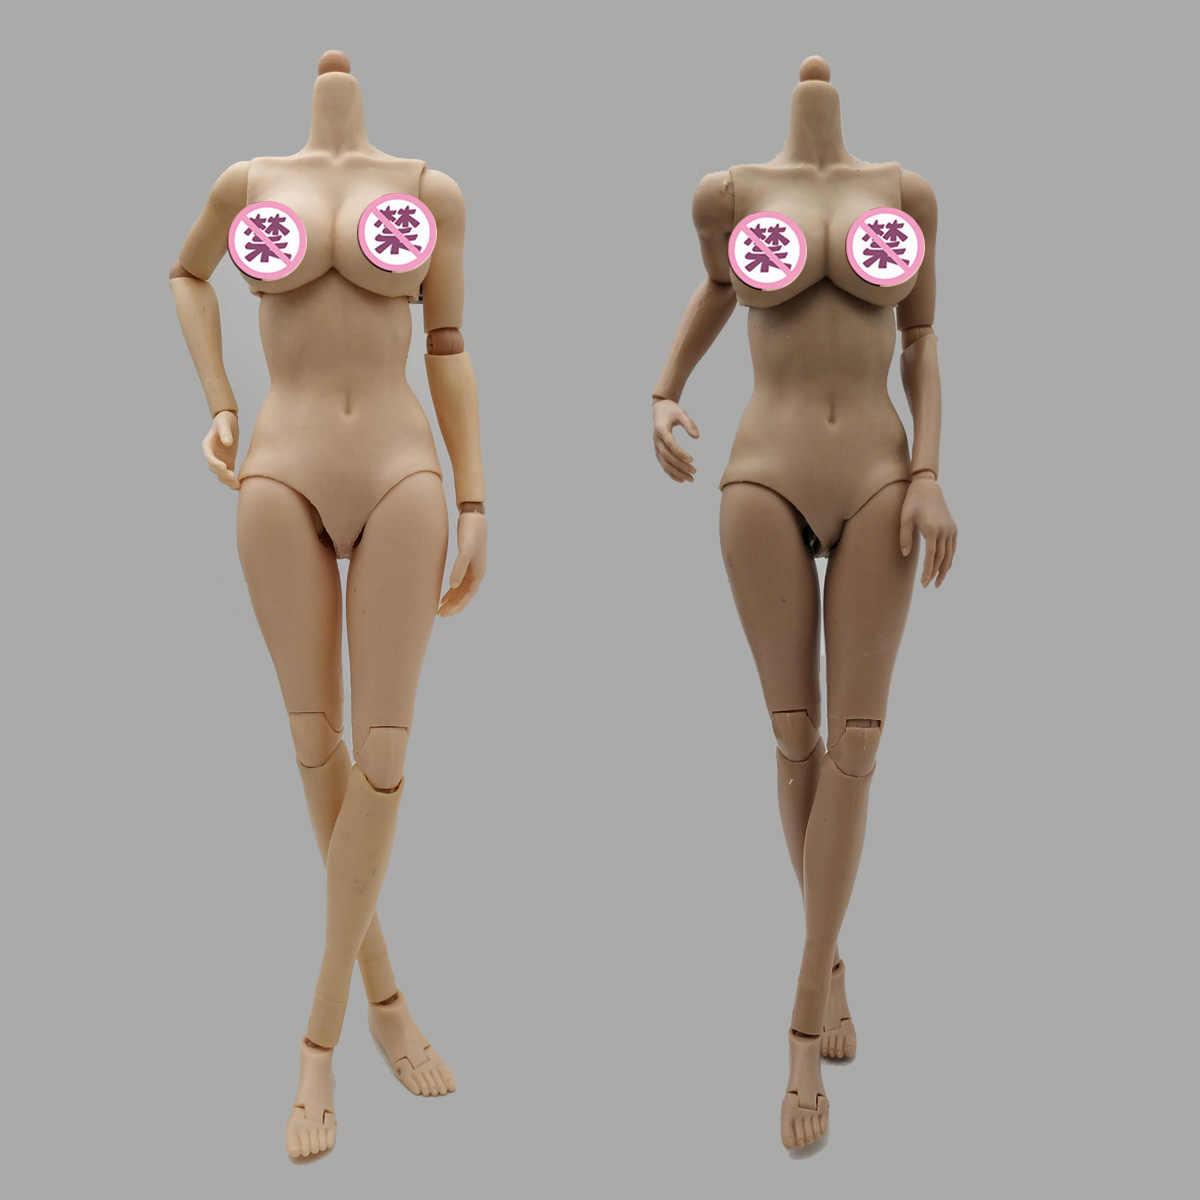 1/6th mujer soldado cuerpo figura suntan/trigo serie 1/6 escala Super flexible sin costuras mujer cuerpo repago versión modelo de cuerpo